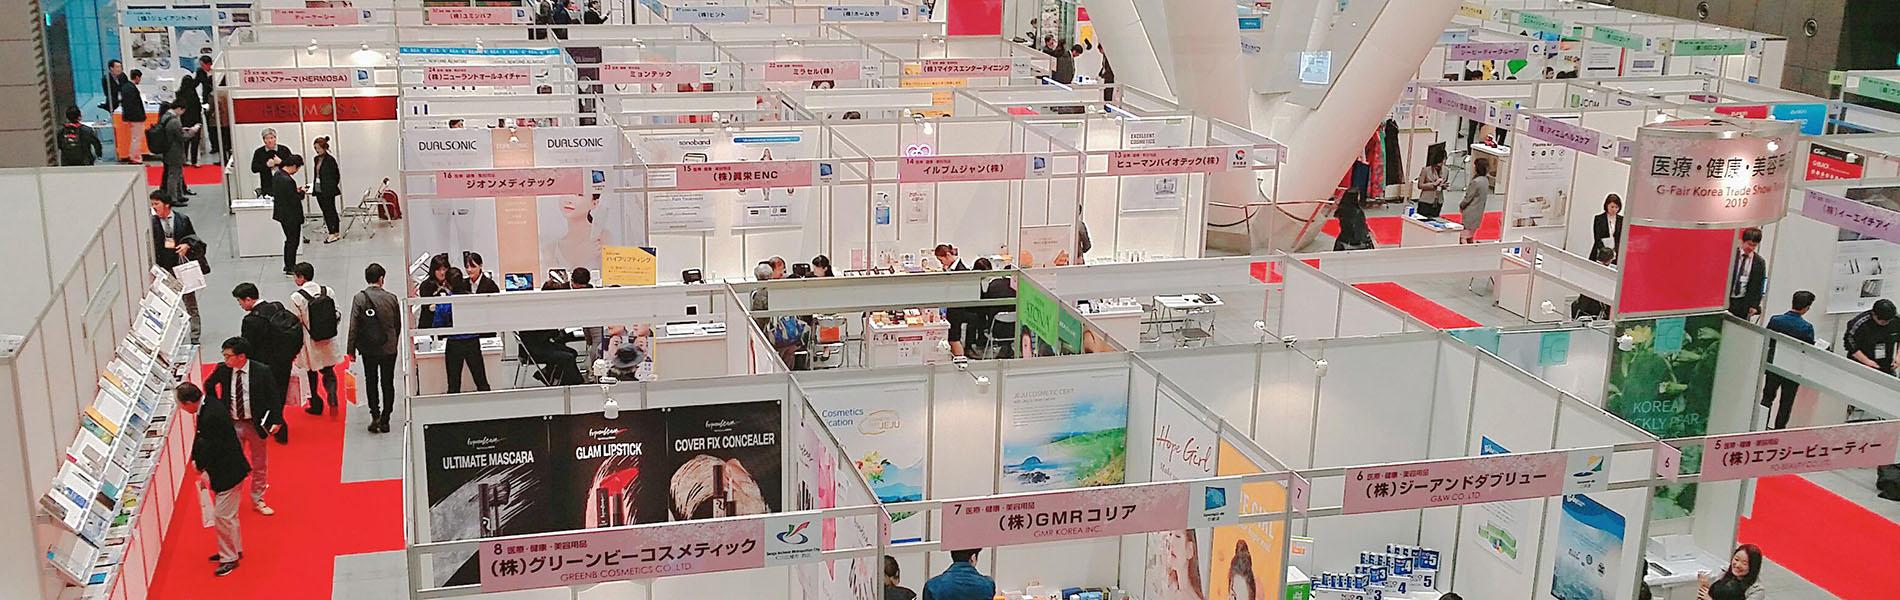 韓国商品展示・商談会